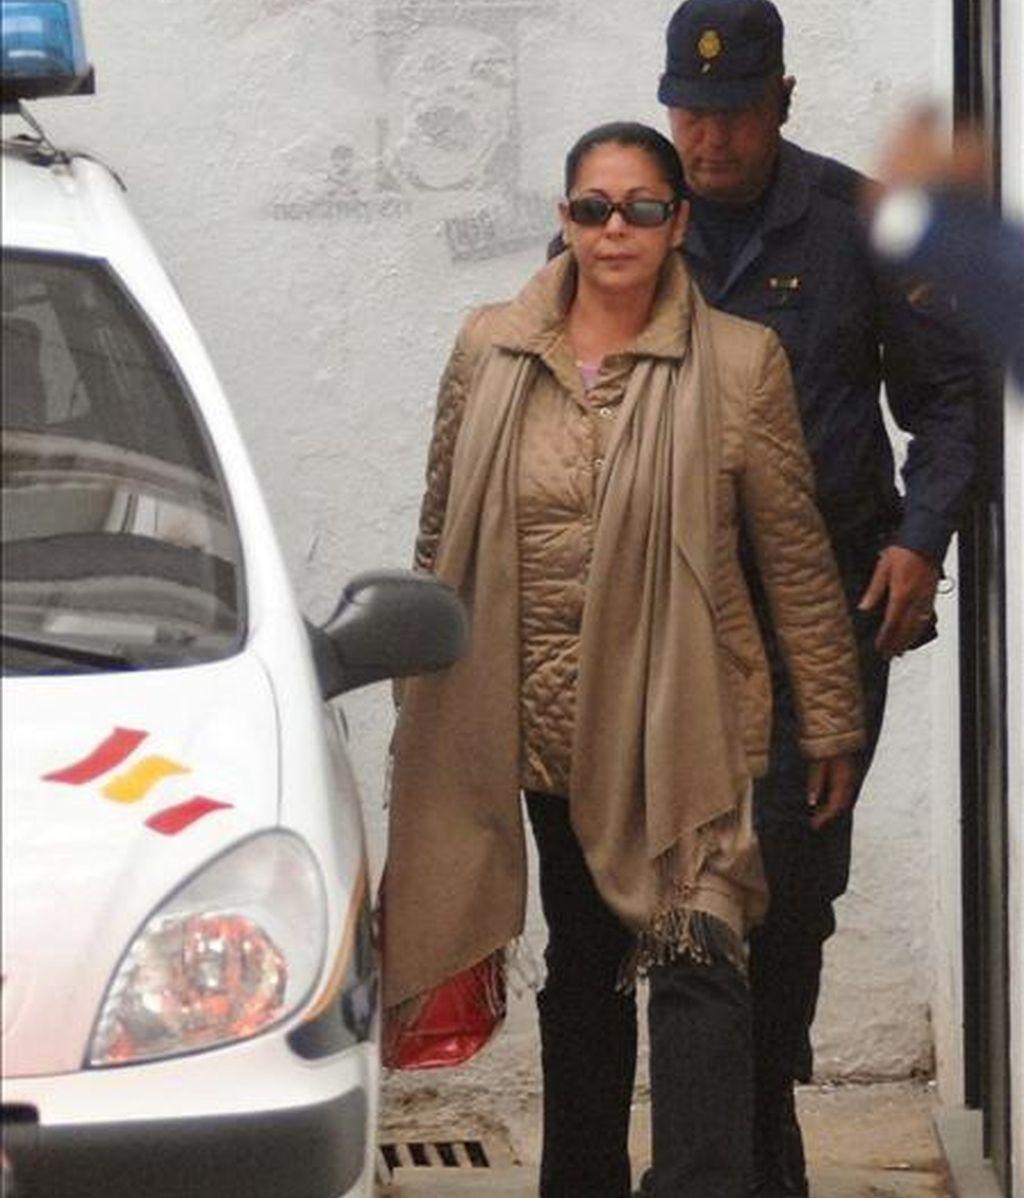 """La tonadillera Isabel Pantoja, en mayo de 2007 a su salida de los juzgados de Marbella al quedar en libertad tras abonar la fianza de 90.000 euros impuesta por el juez instructor del """"caso Malaya"""", que le acusa de un delito de blanqueo de capitales. EFE/Archivo"""